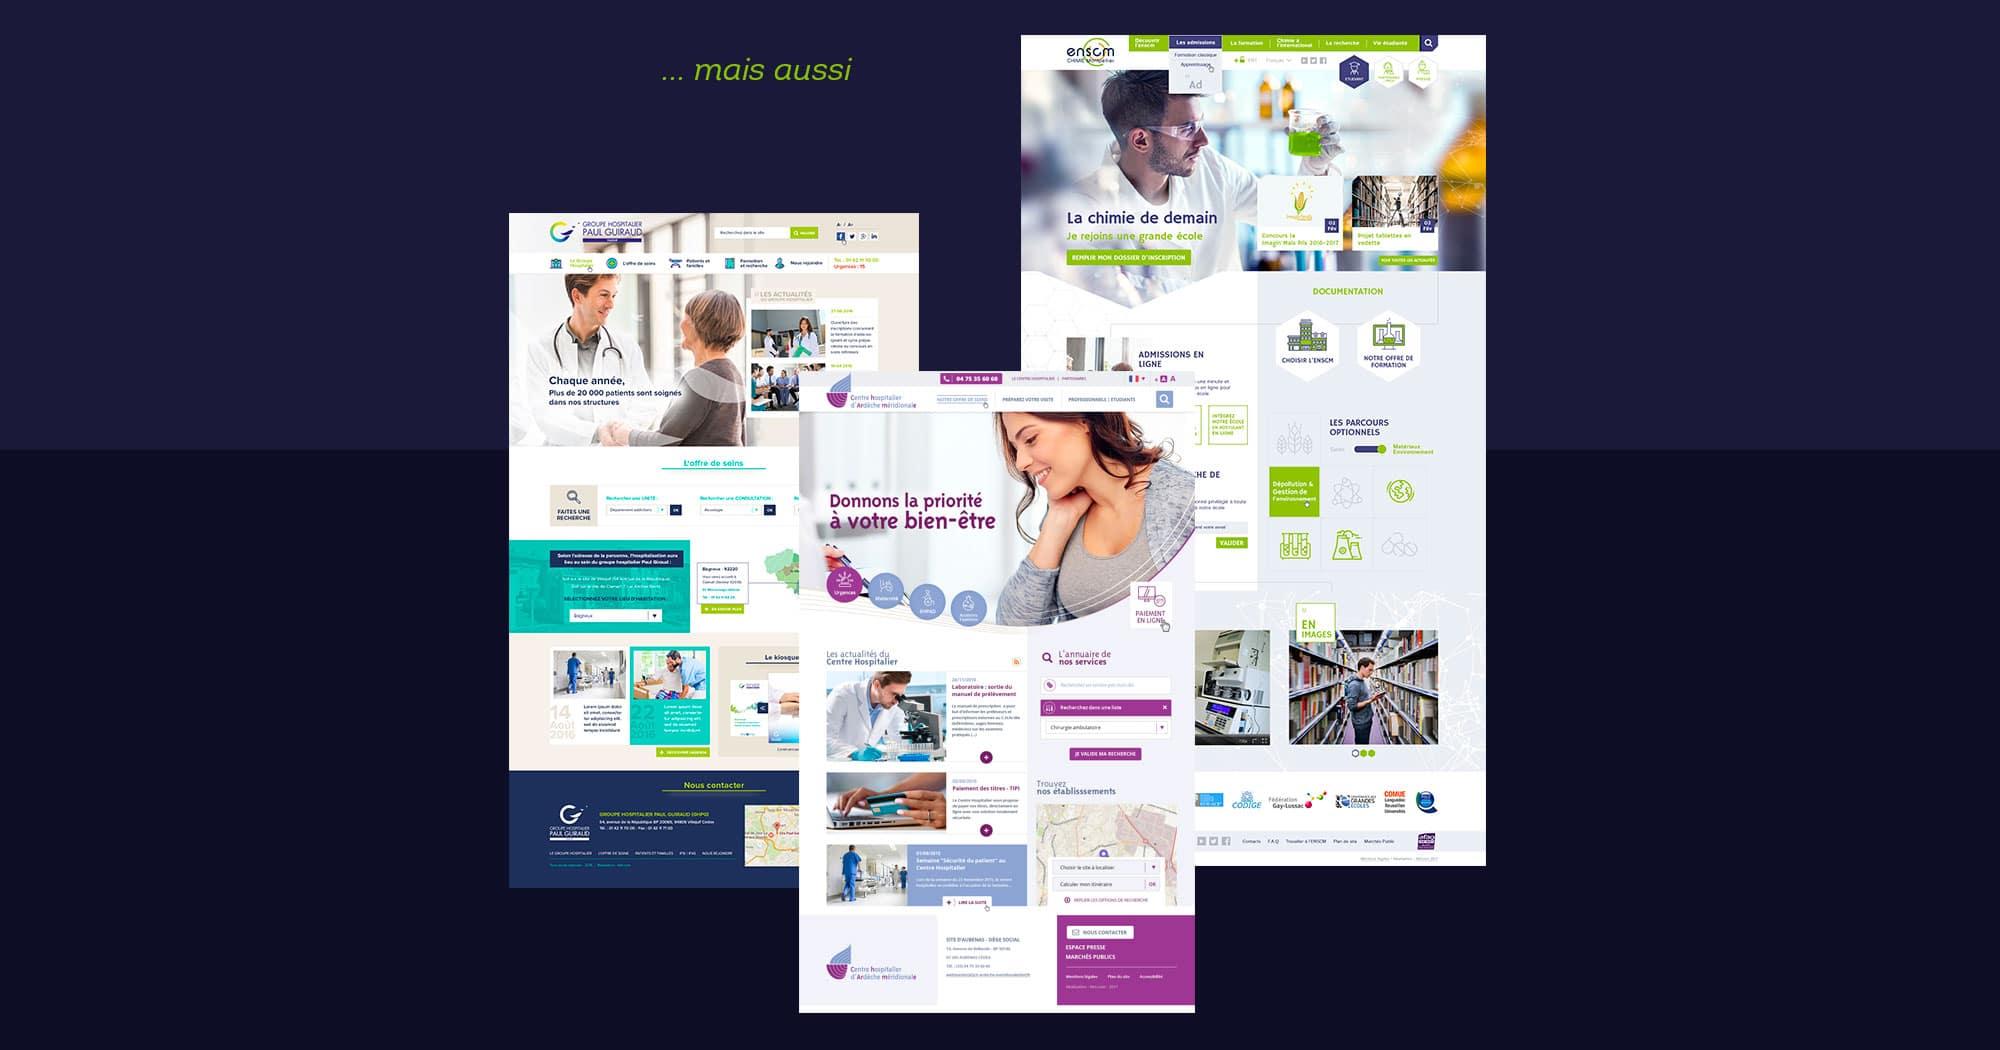 Webdesigner freelance domaine hopitaux publics